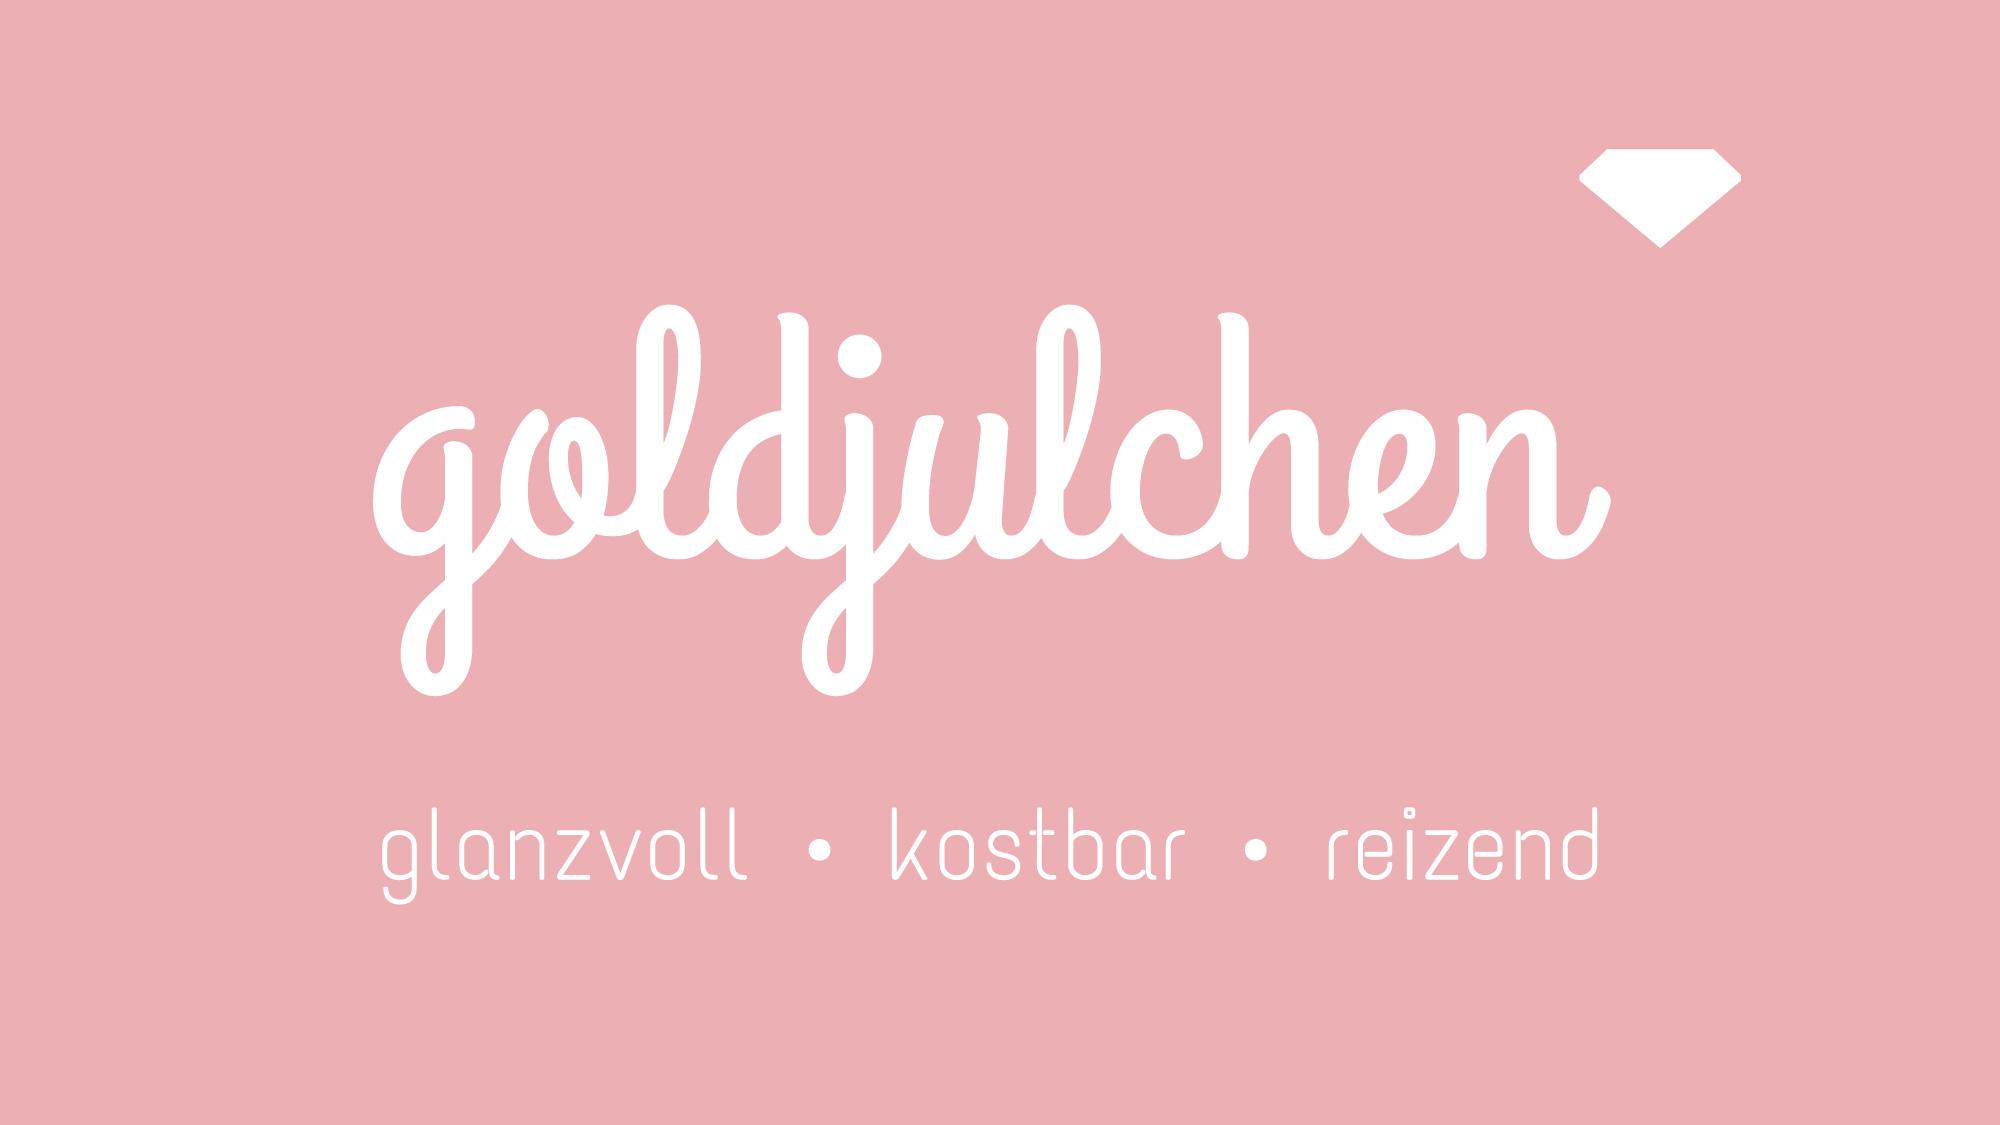 goldjulchen_1